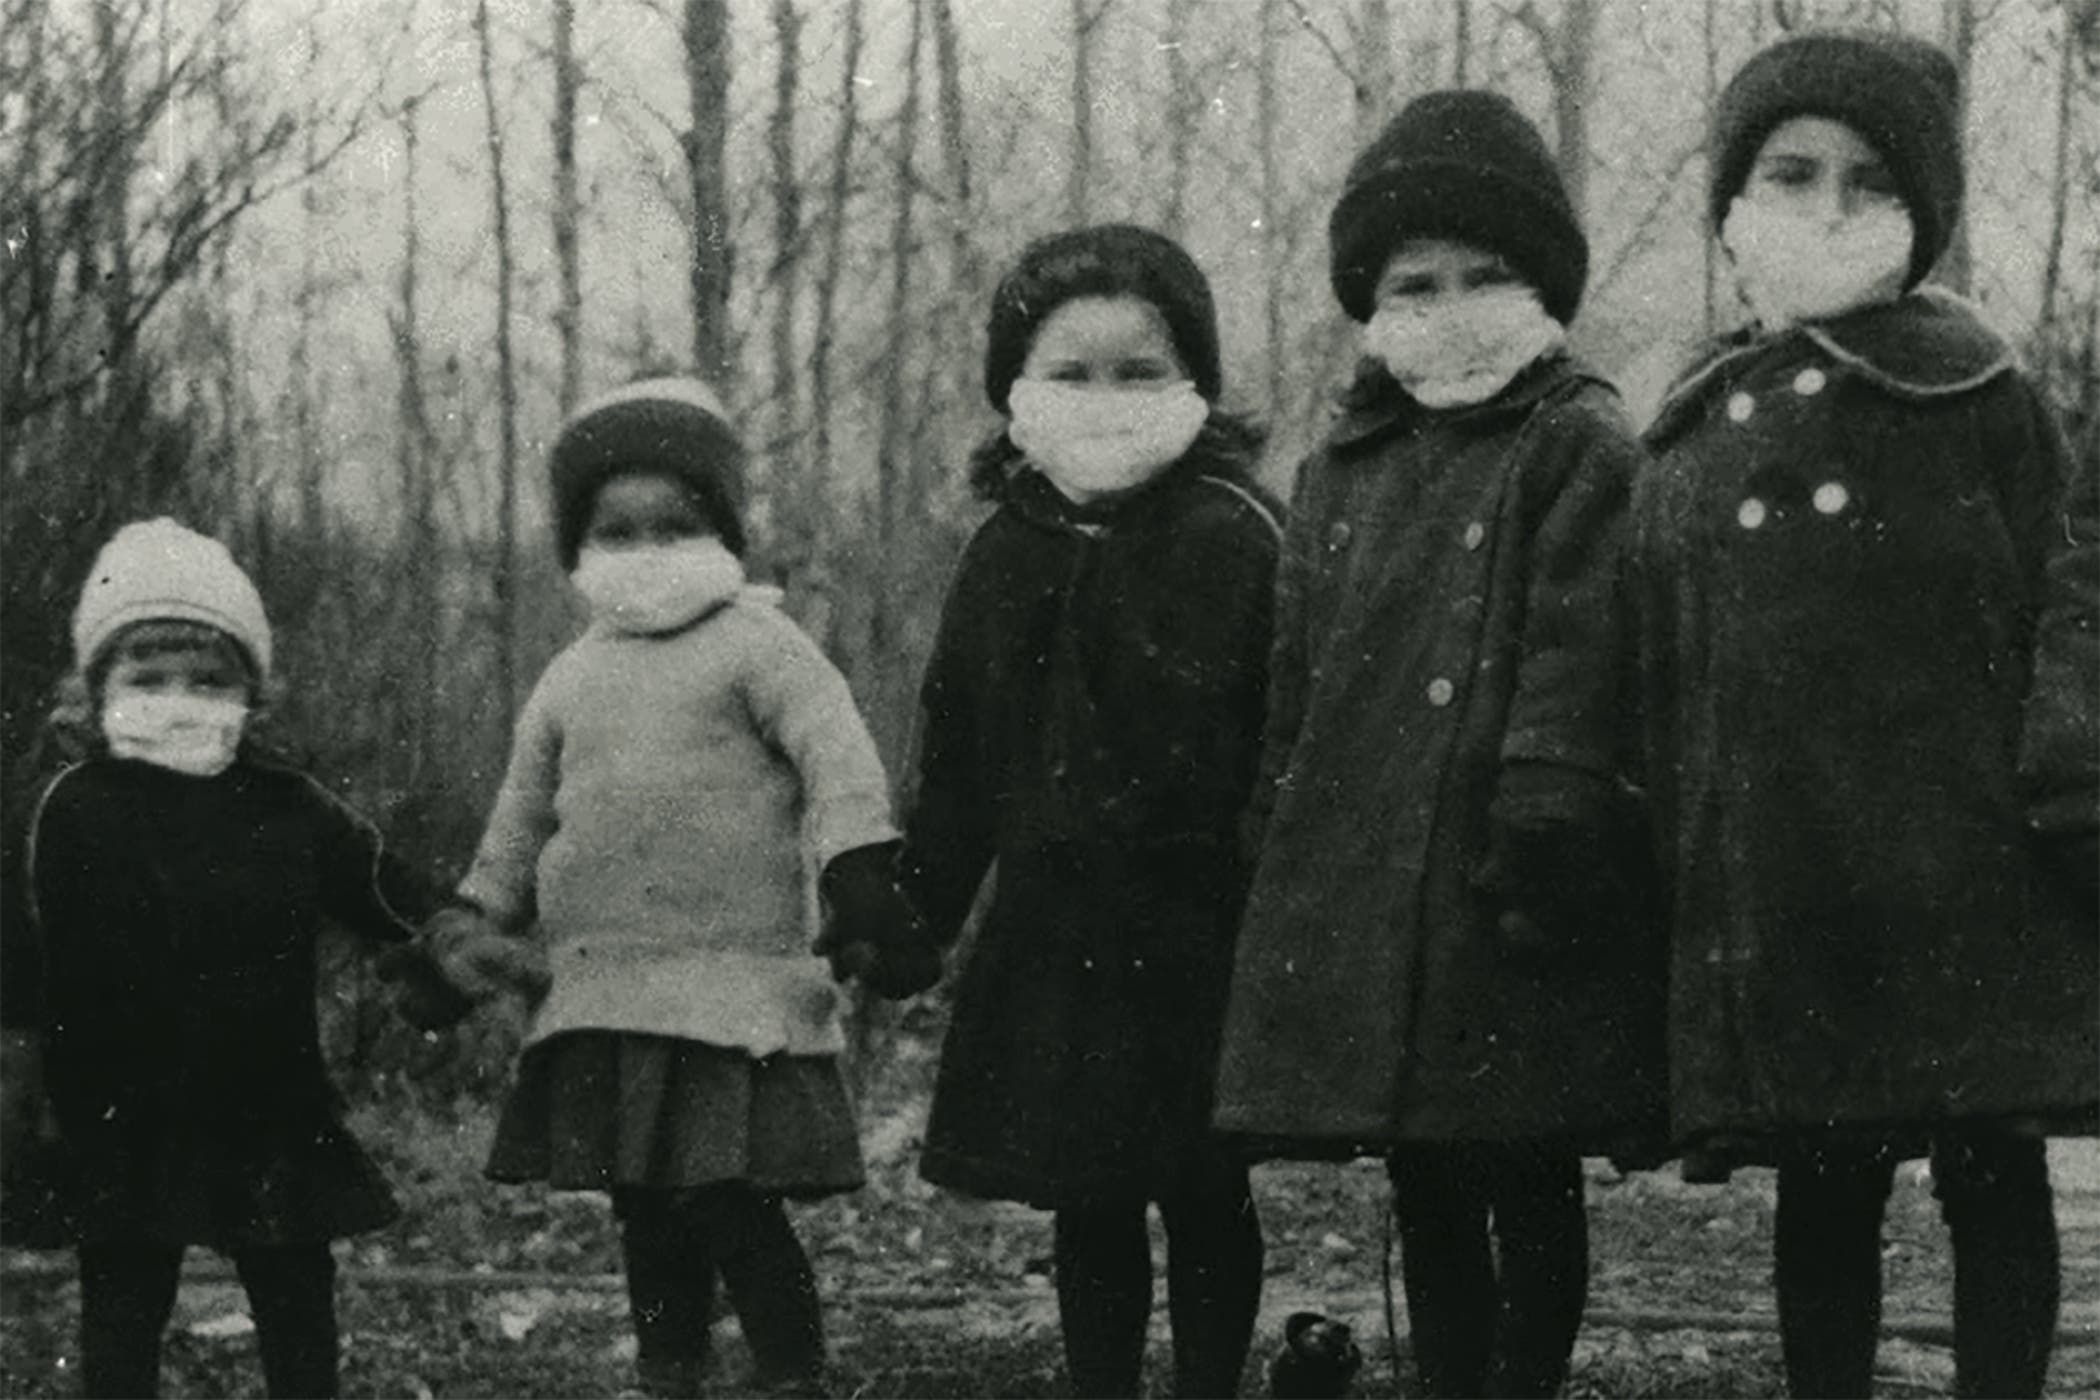 صورة لأطفال حملوا الكمامات زمن الأنفلونزا